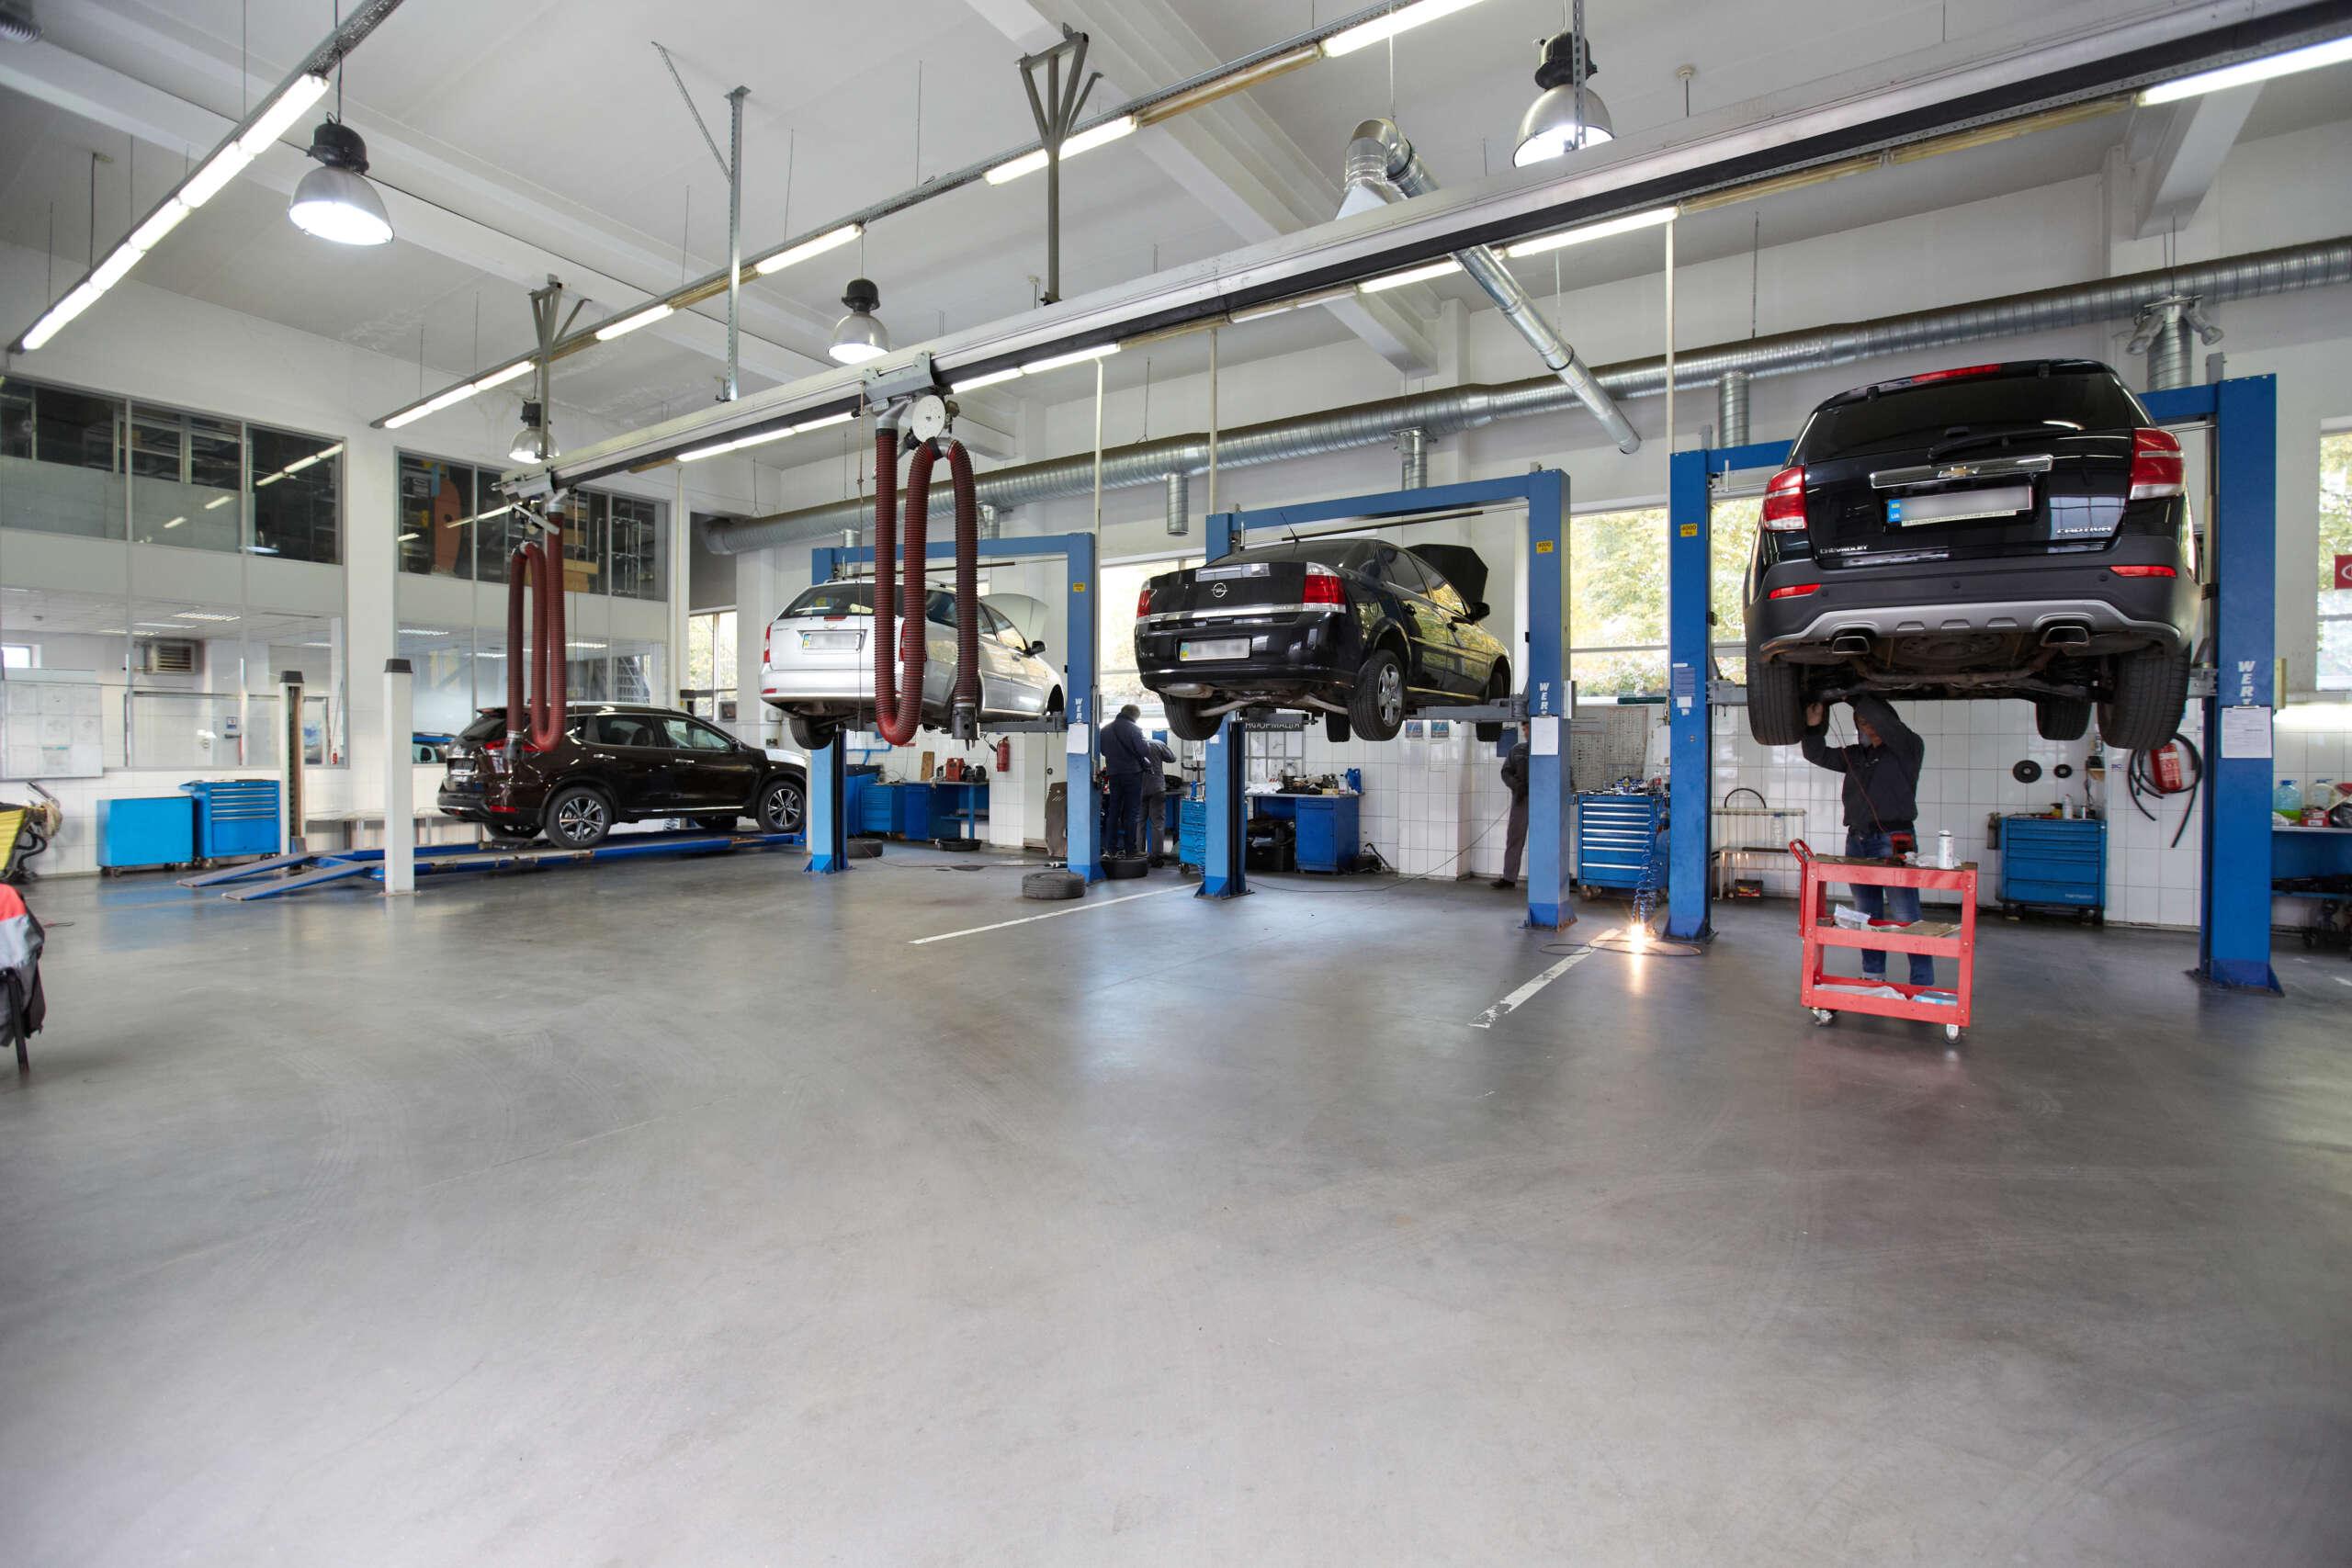 Самые сложные поломки авто: советы по ремонту от профессионалов - фото 3